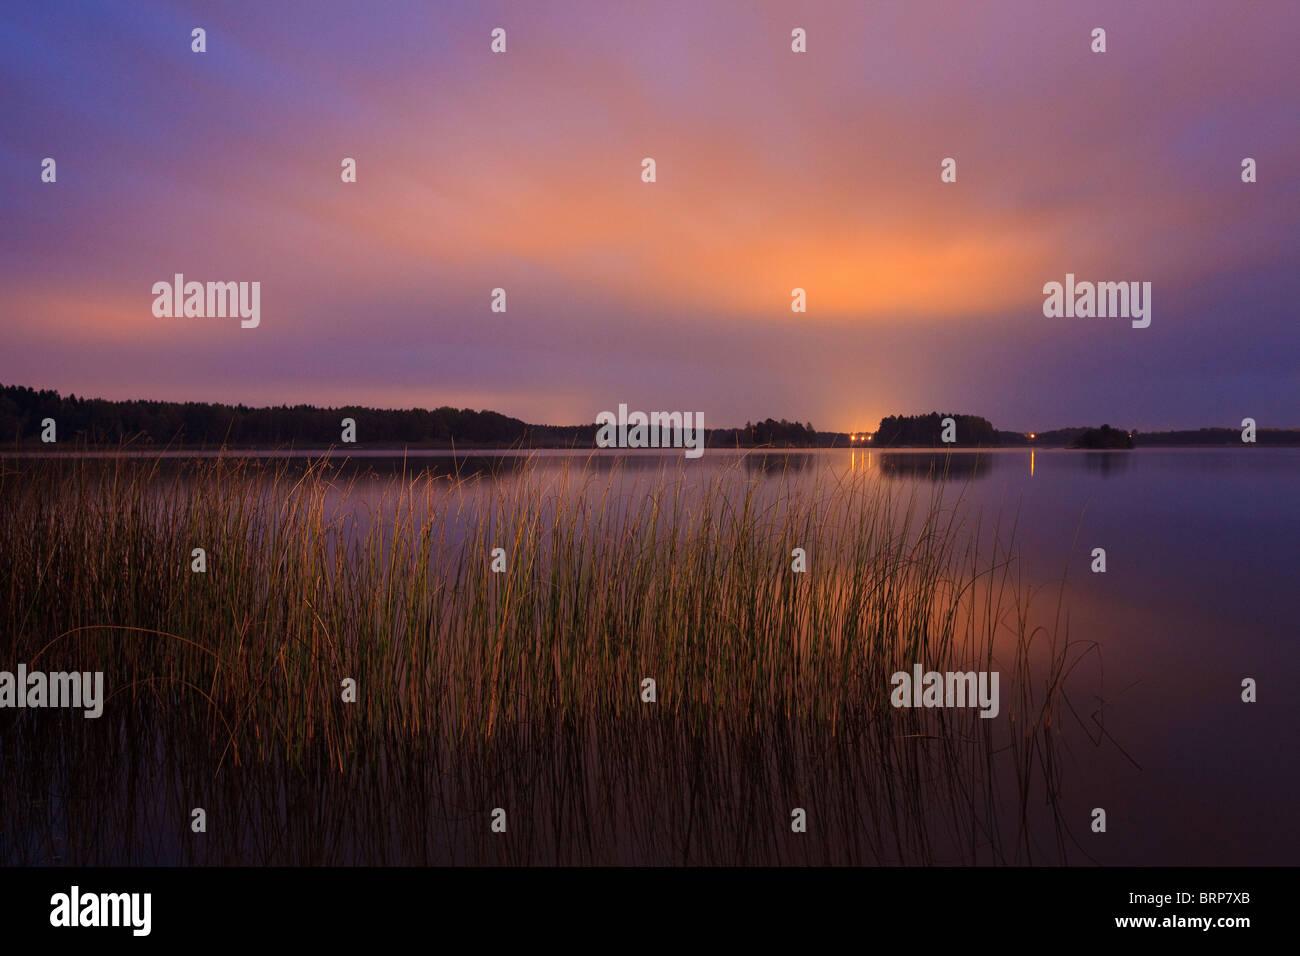 Notte a Hvalbukt nel lago Vansjø, Rygge kommune, Østfold fylke, Norvegia. Immagini Stock